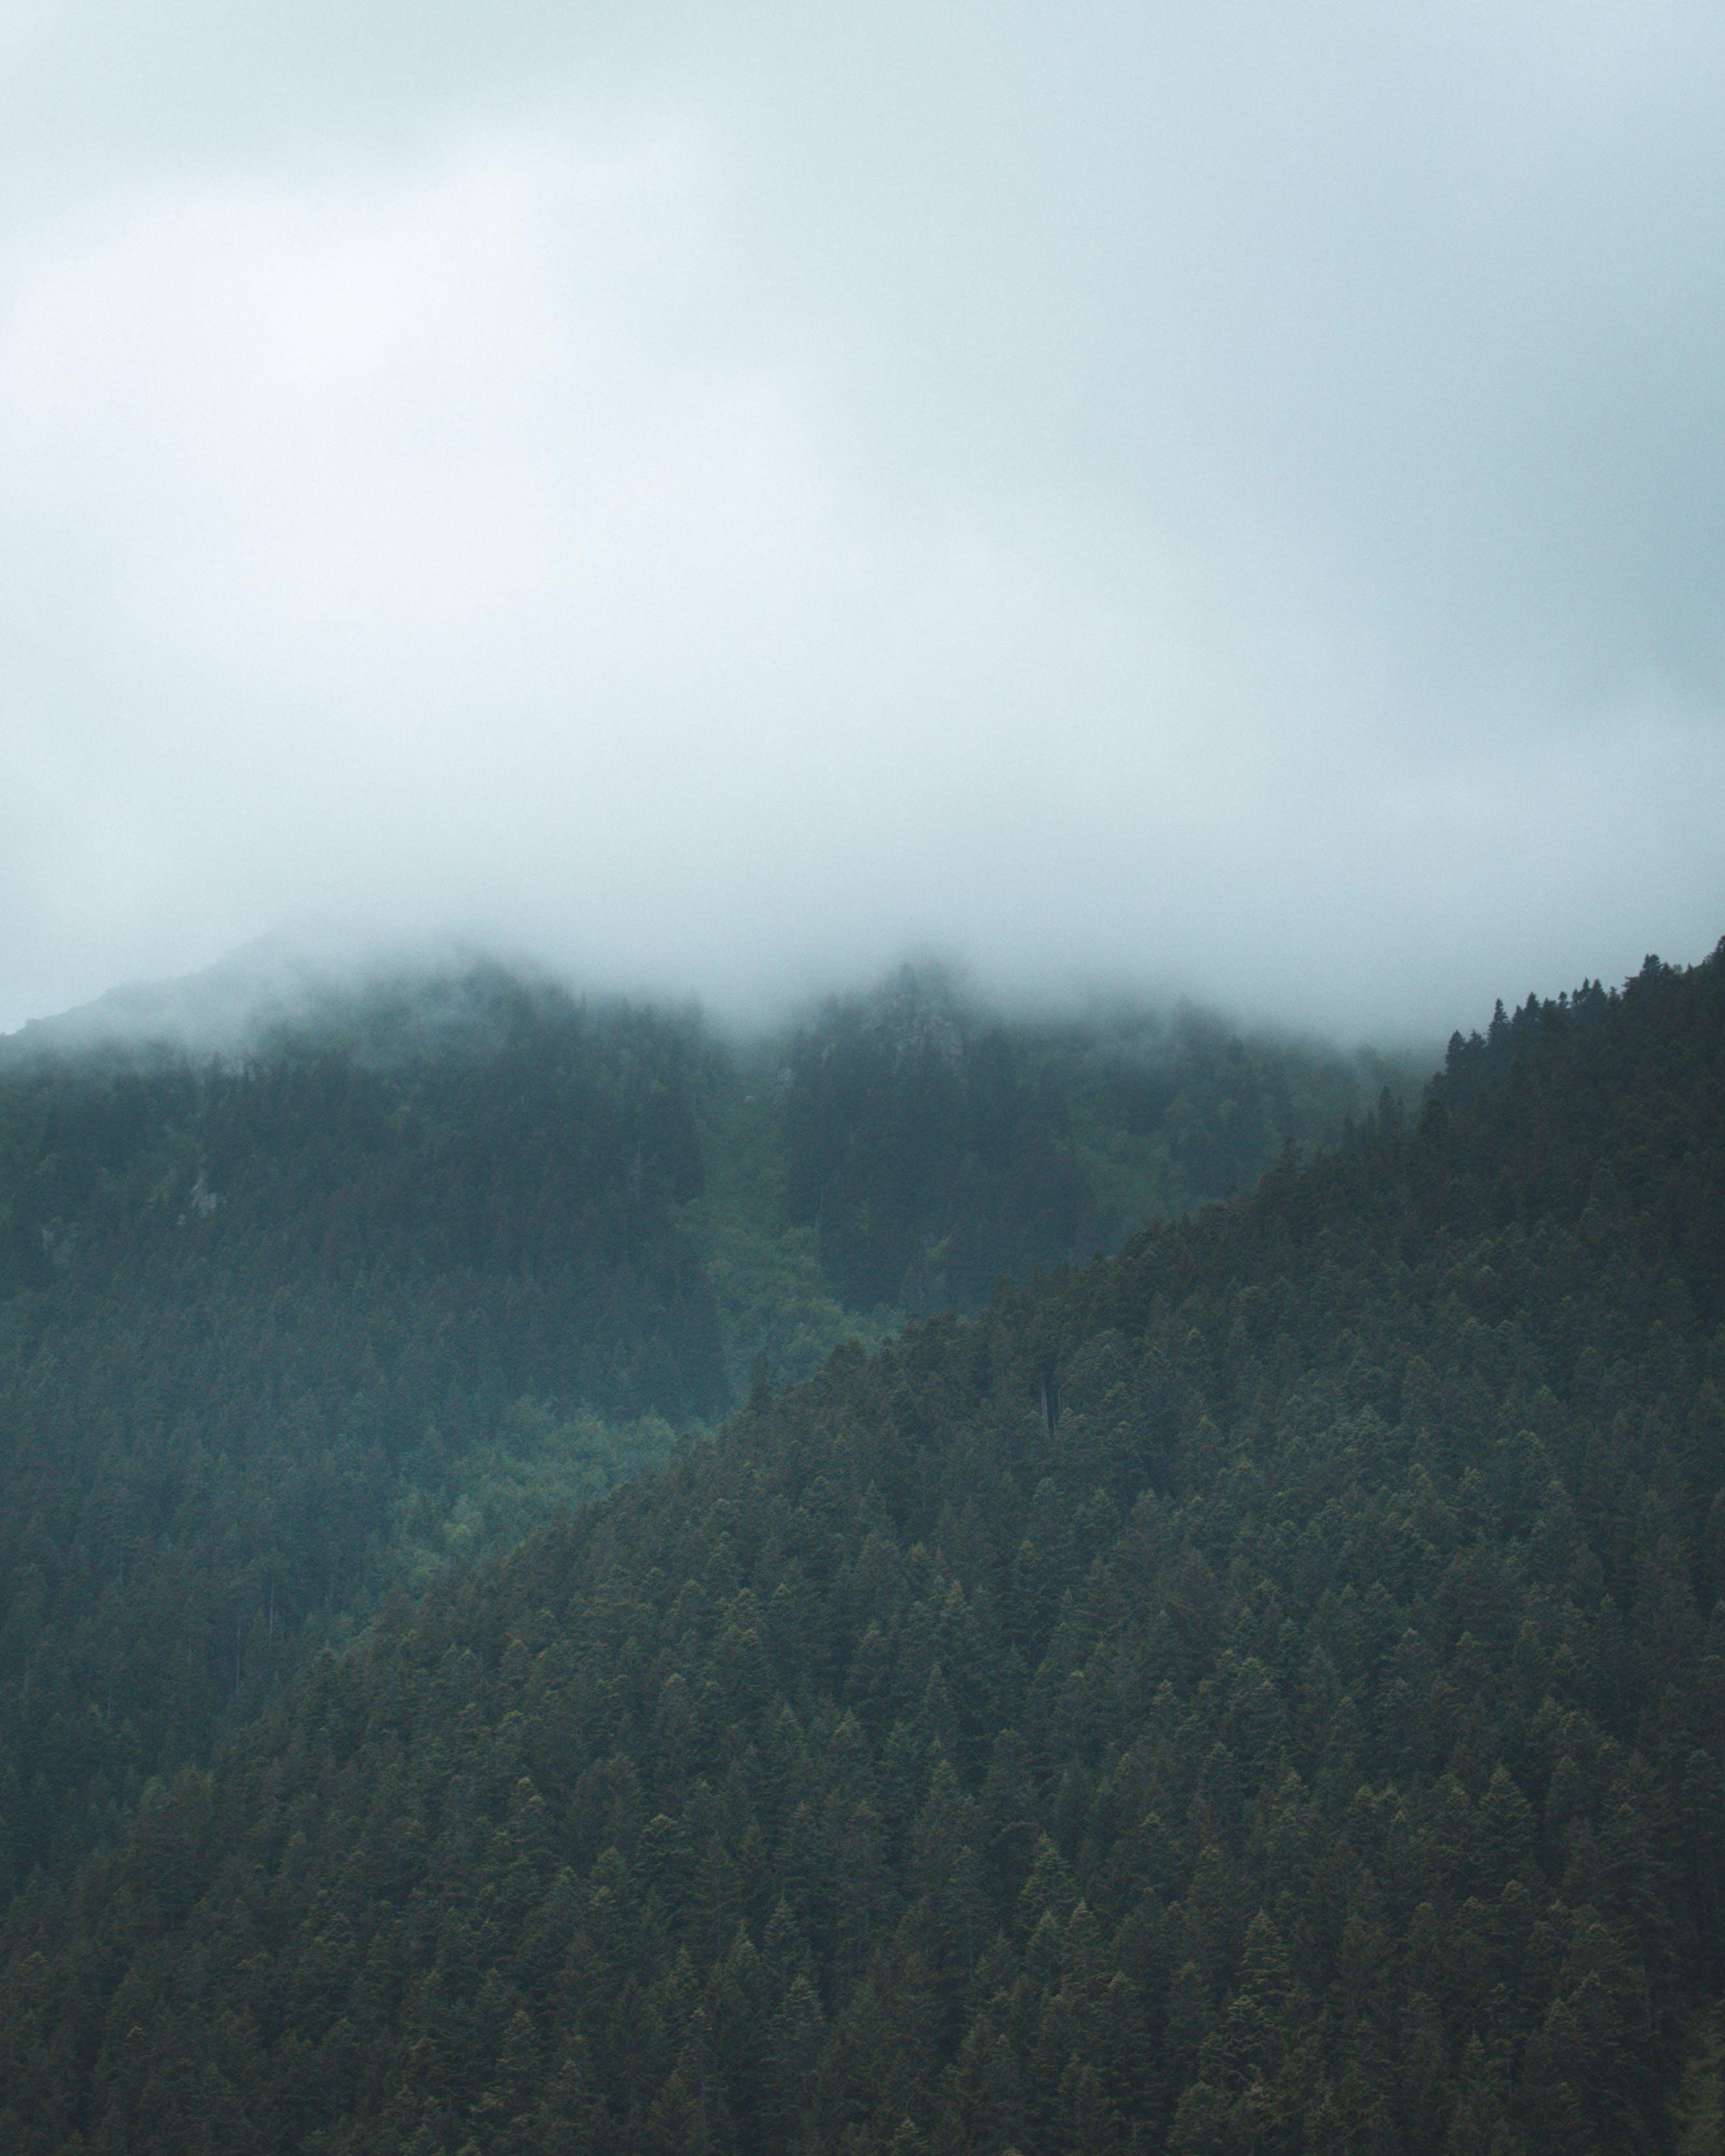 Δωρεάν στοκ φωτογραφιών με βουνό, δασικός, δέντρα, ομίχλη